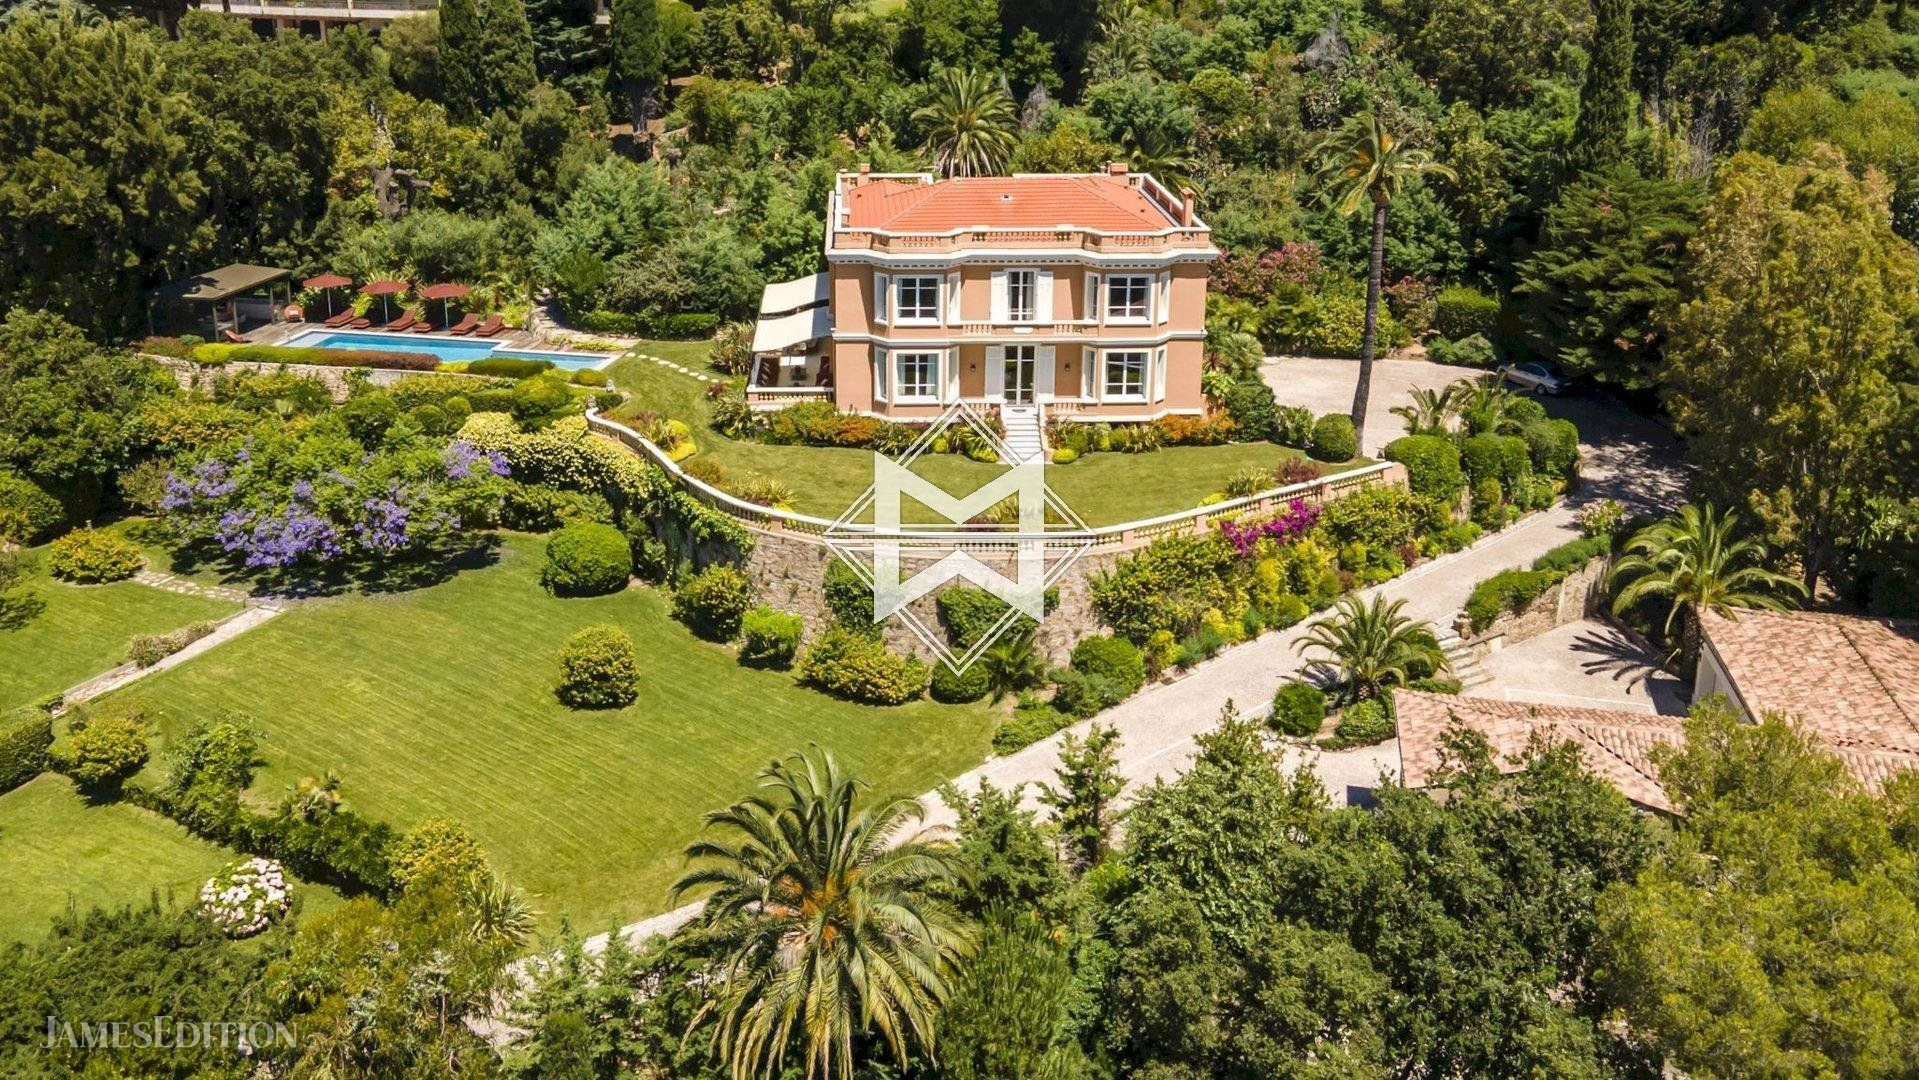 Villa in Cannes, Provence-Alpes-Côte d'Azur, France 1 - 10484624